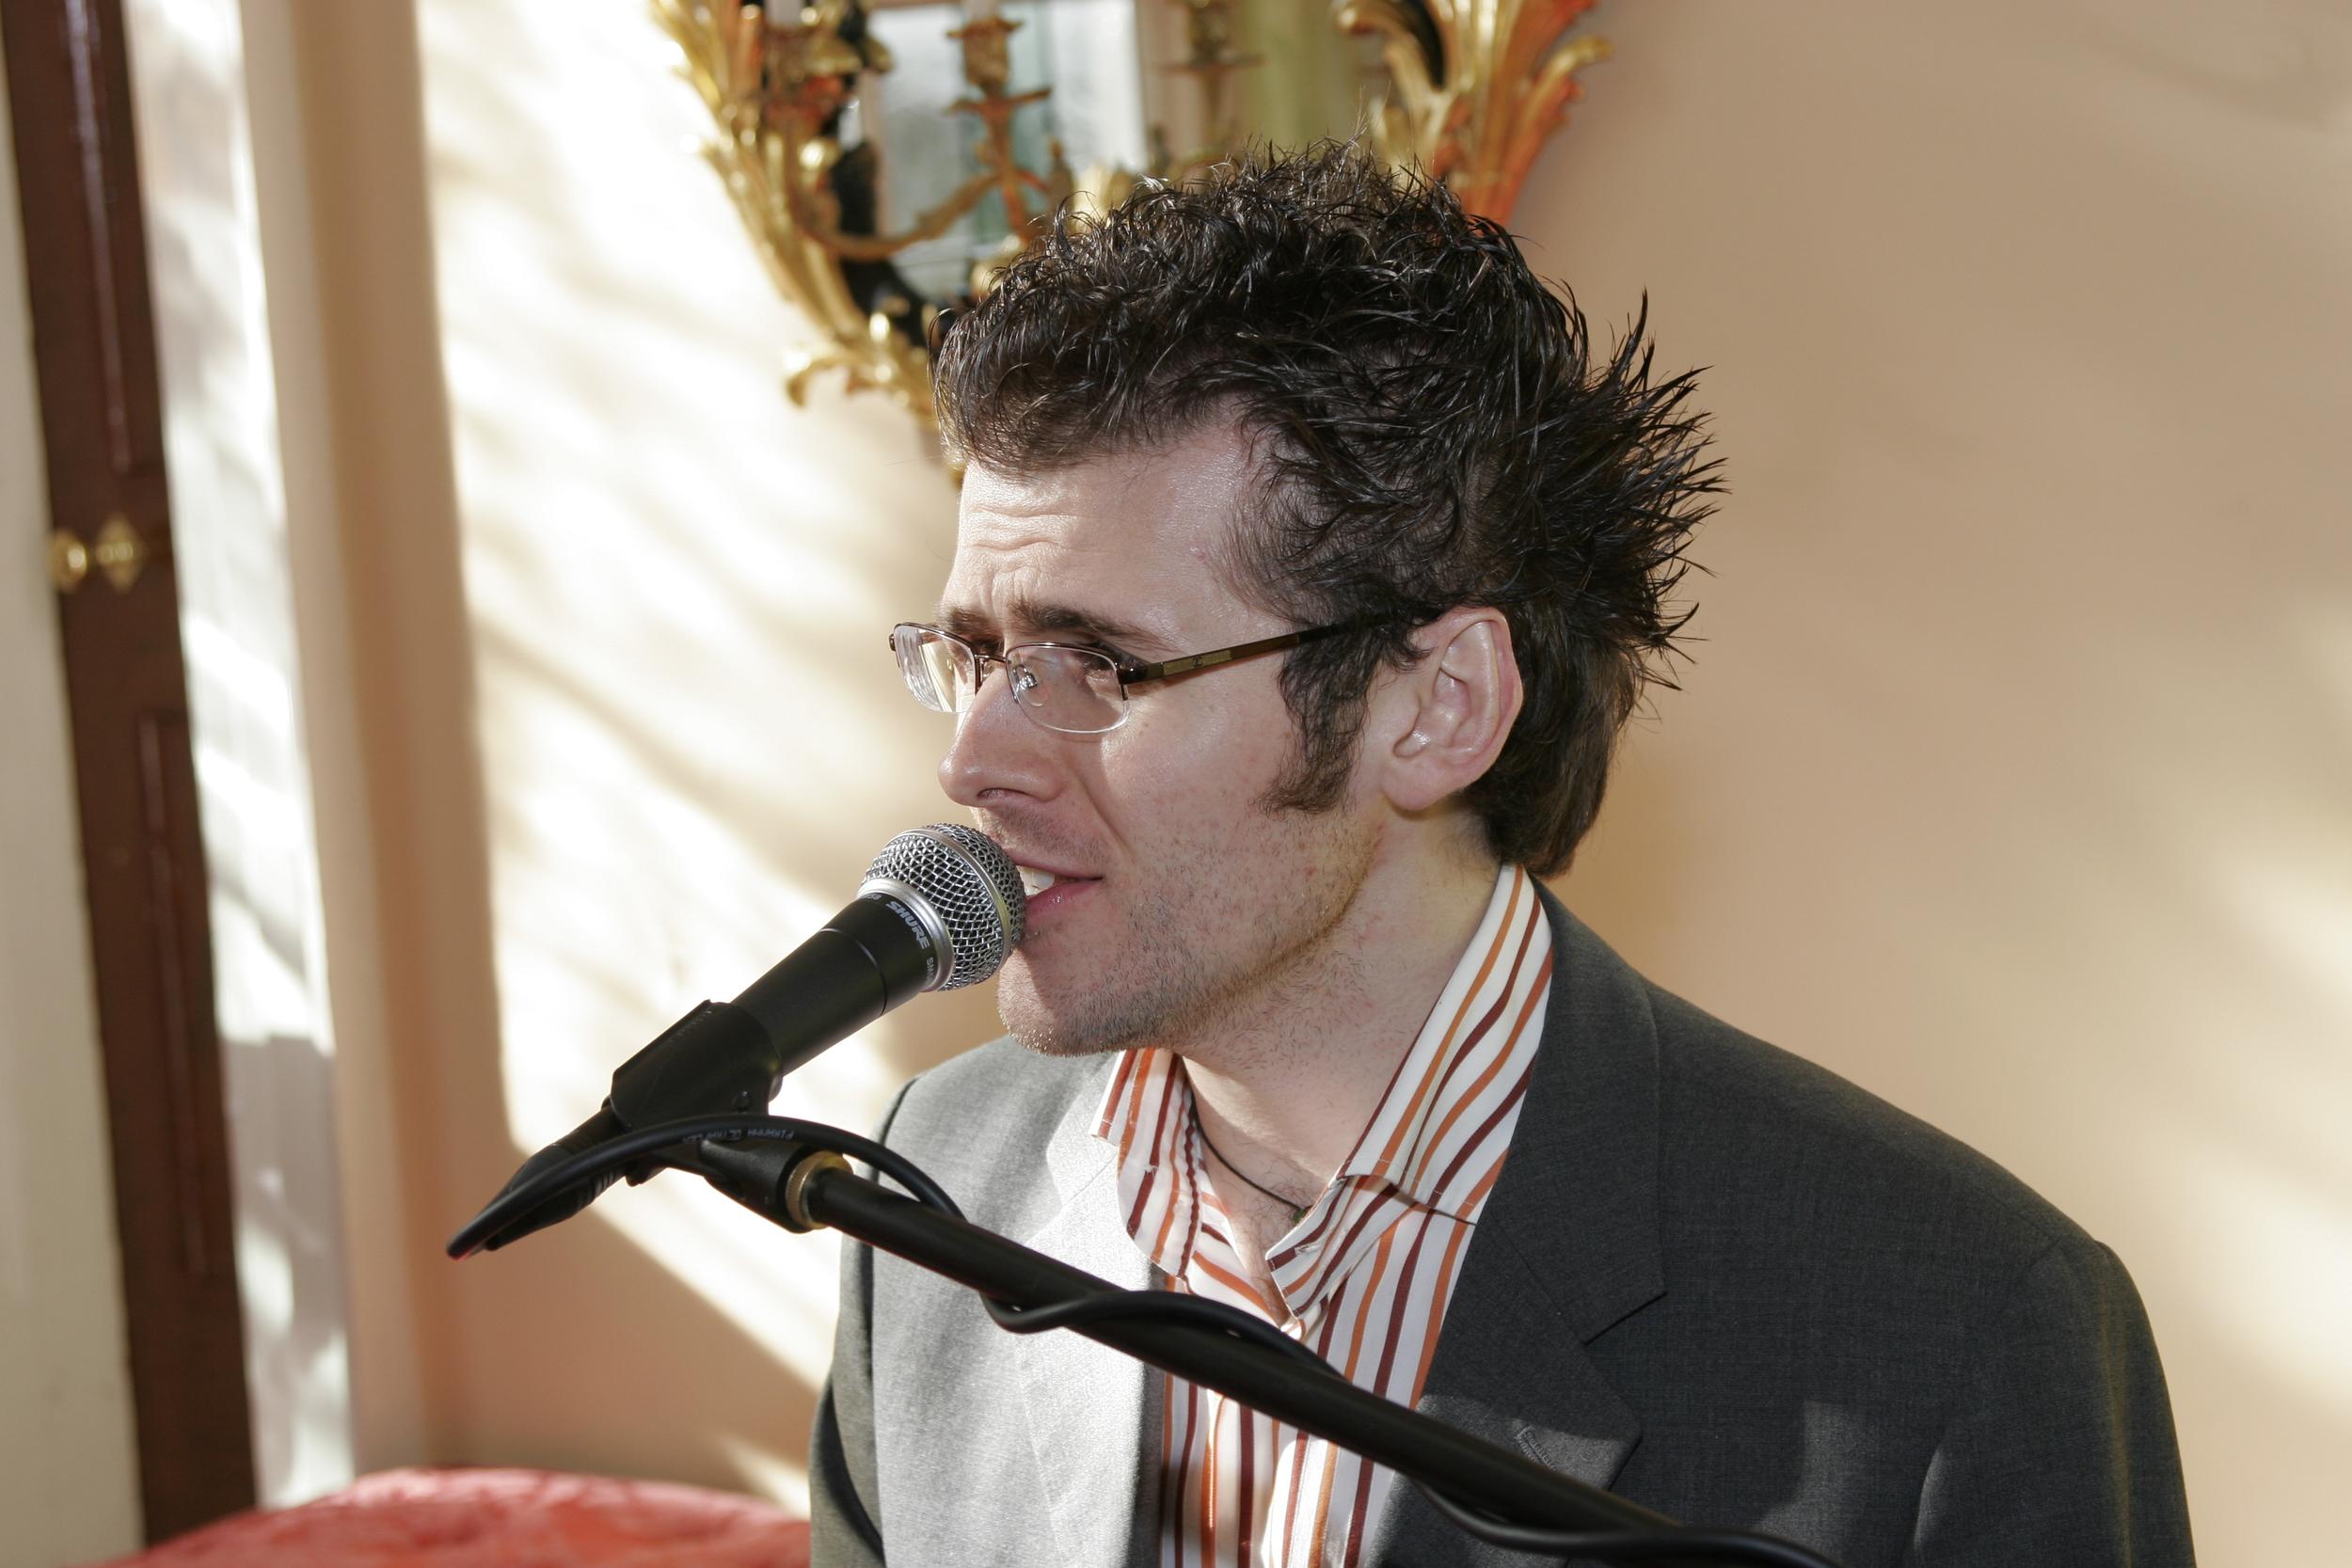 Singer Pianist Scott Bramley February 2007